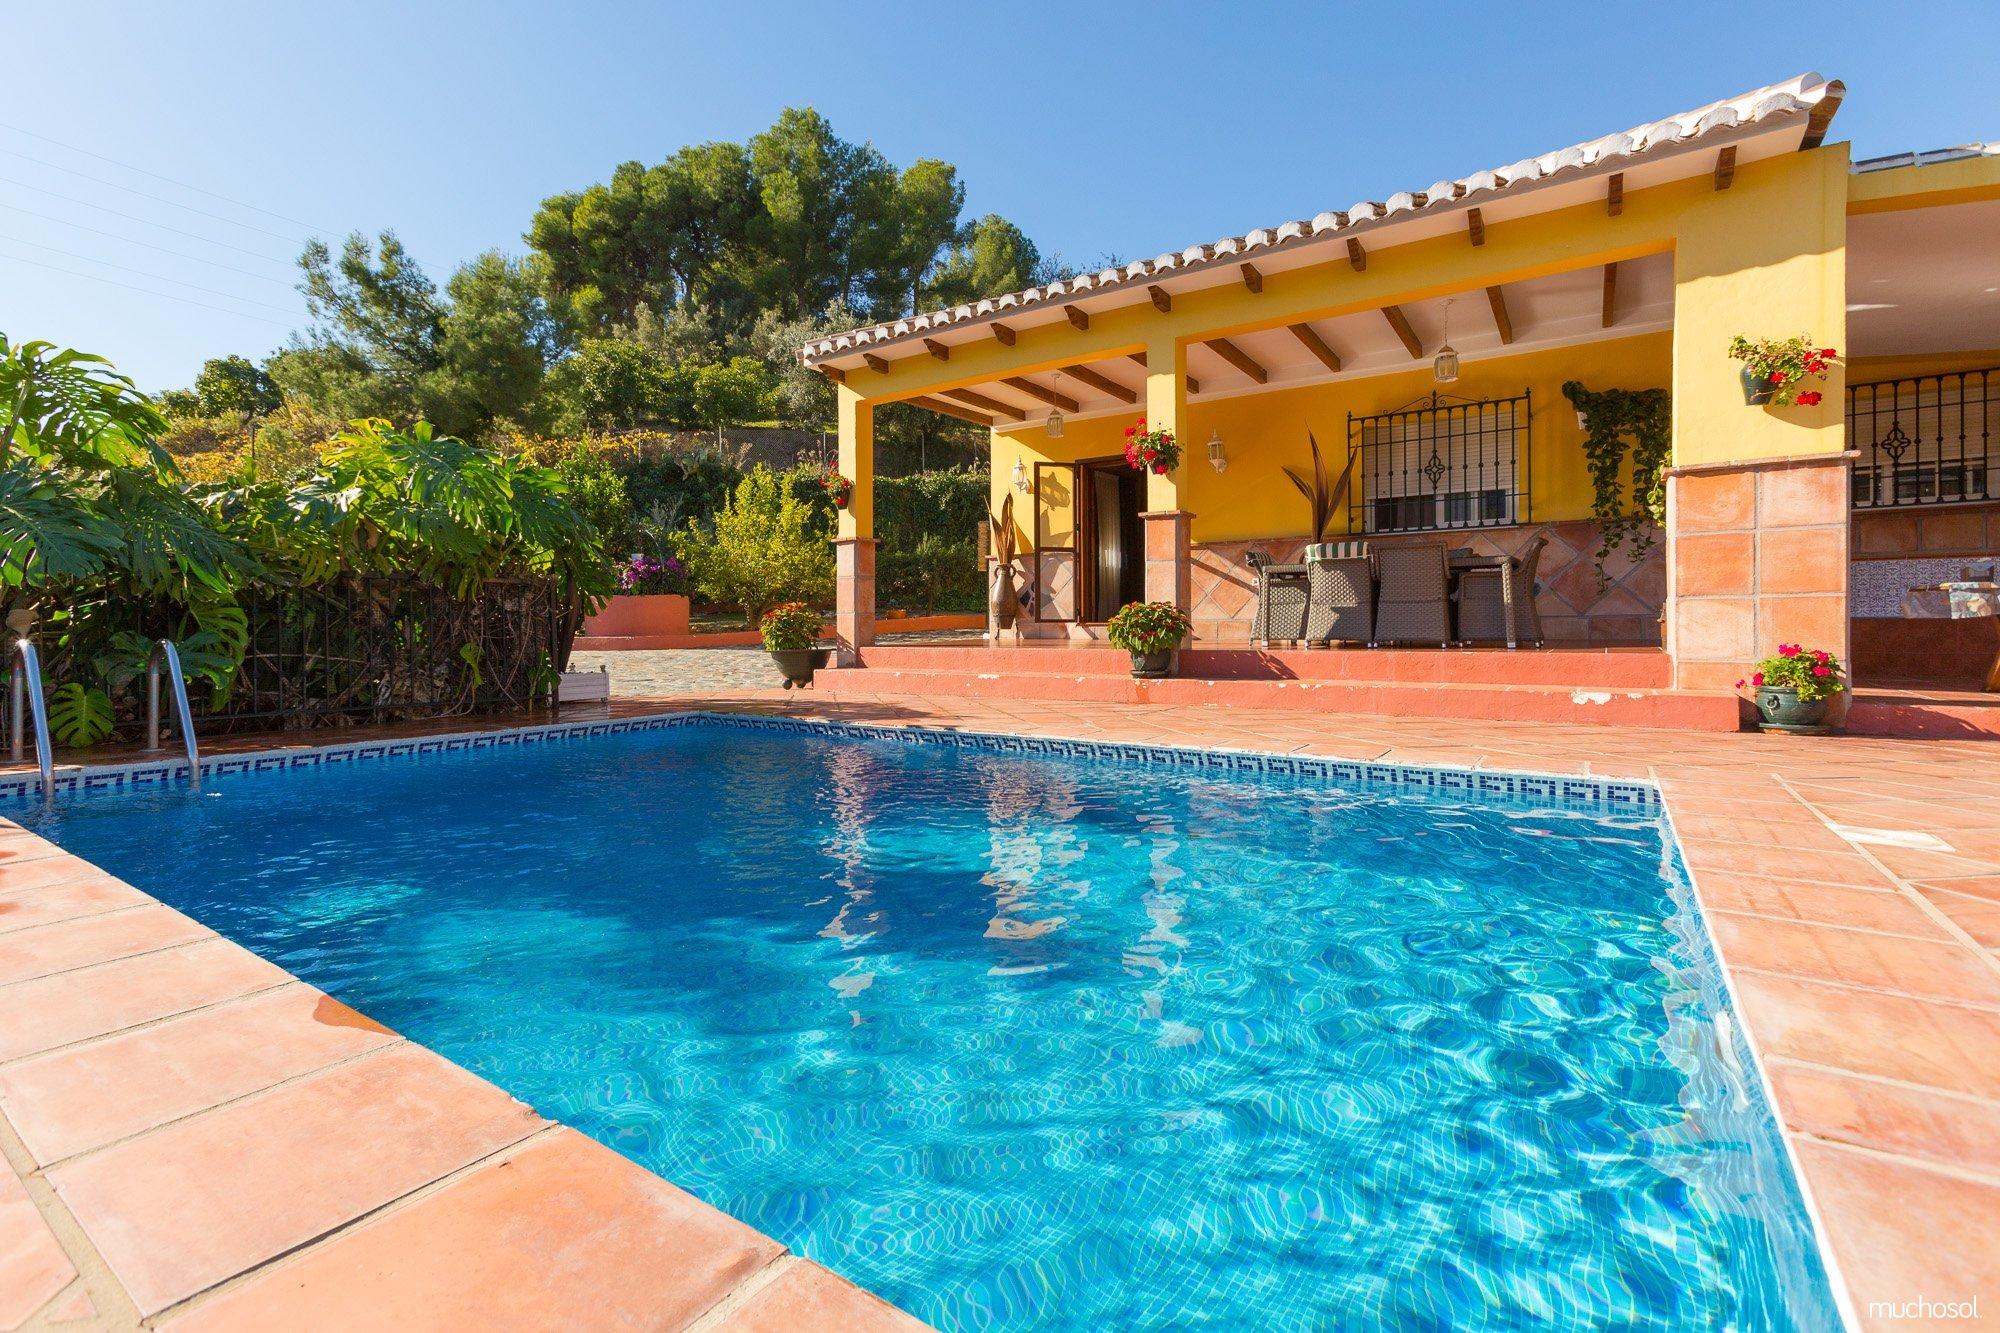 Apartamentos, Casas y Villas en Frigiliana【ALQUILER SEGURO】